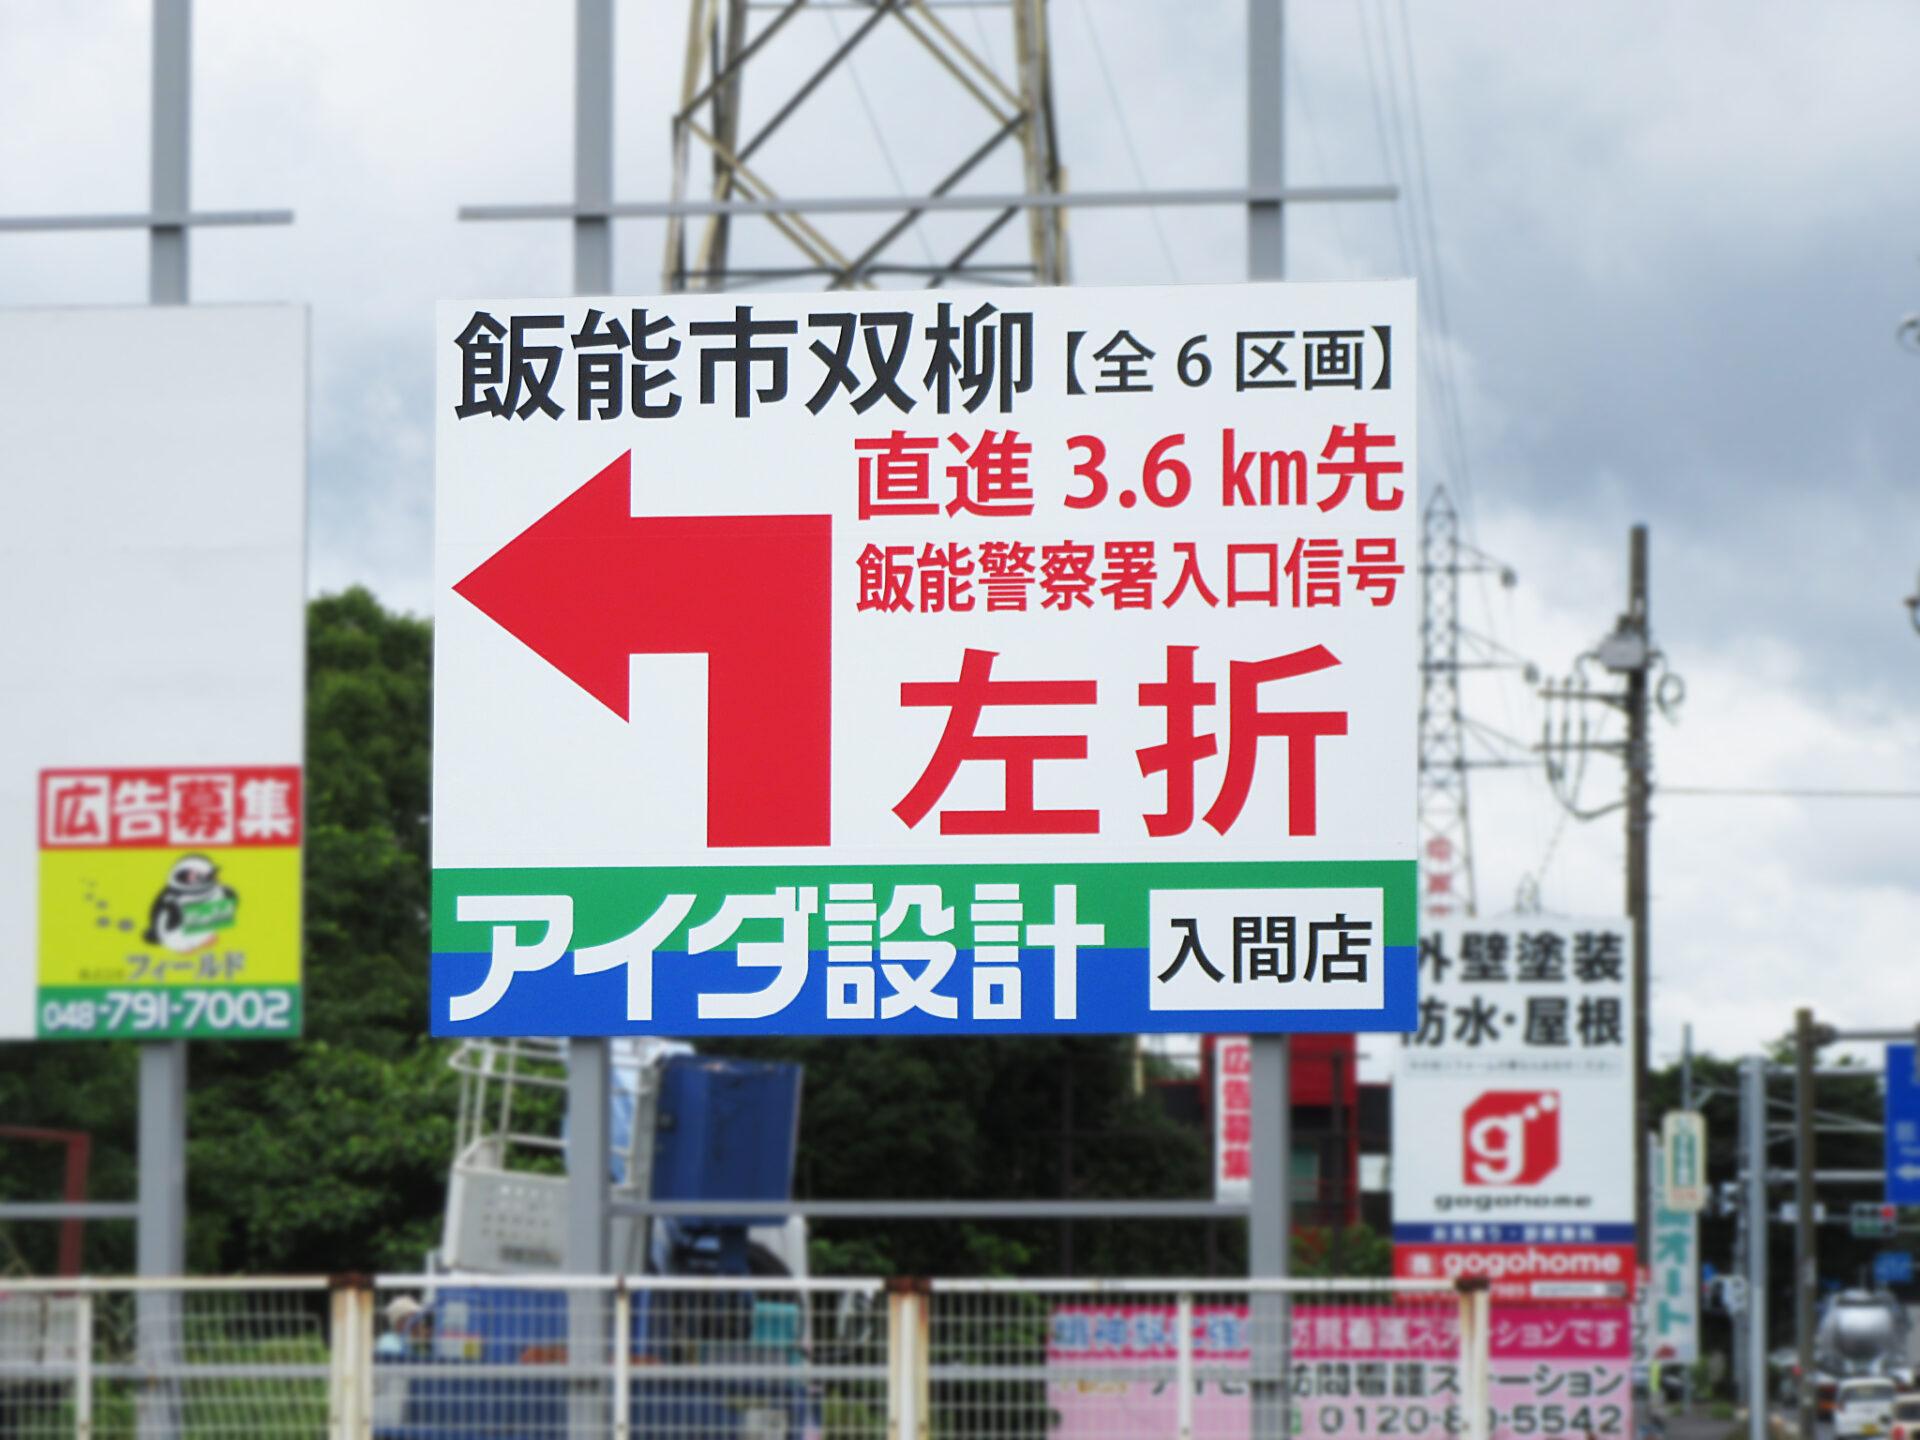 狭山市・国道299号線 笹井交差点手前(B)